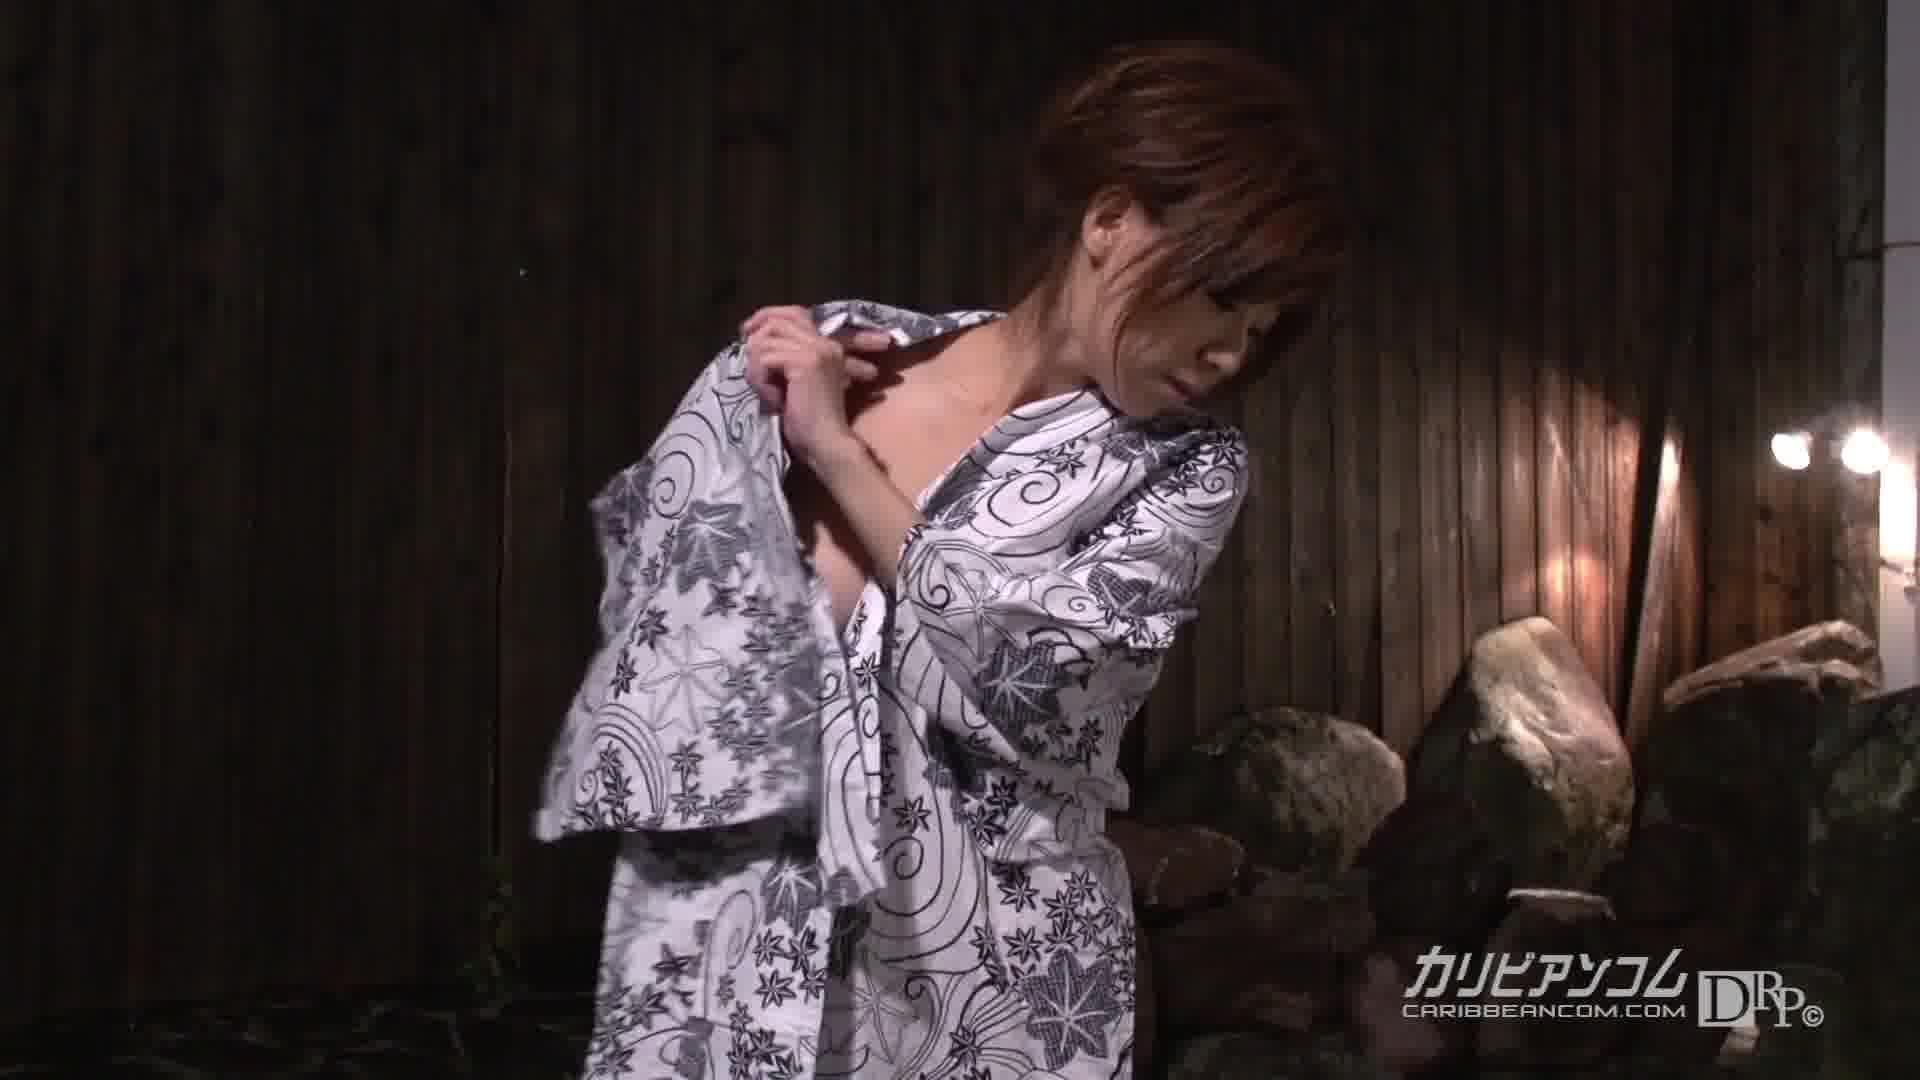 もう一度恋がしたい ~秋野千尋がときめきを求めて一人旅~ - 秋野千尋【巨乳・ナンパ・浴衣】